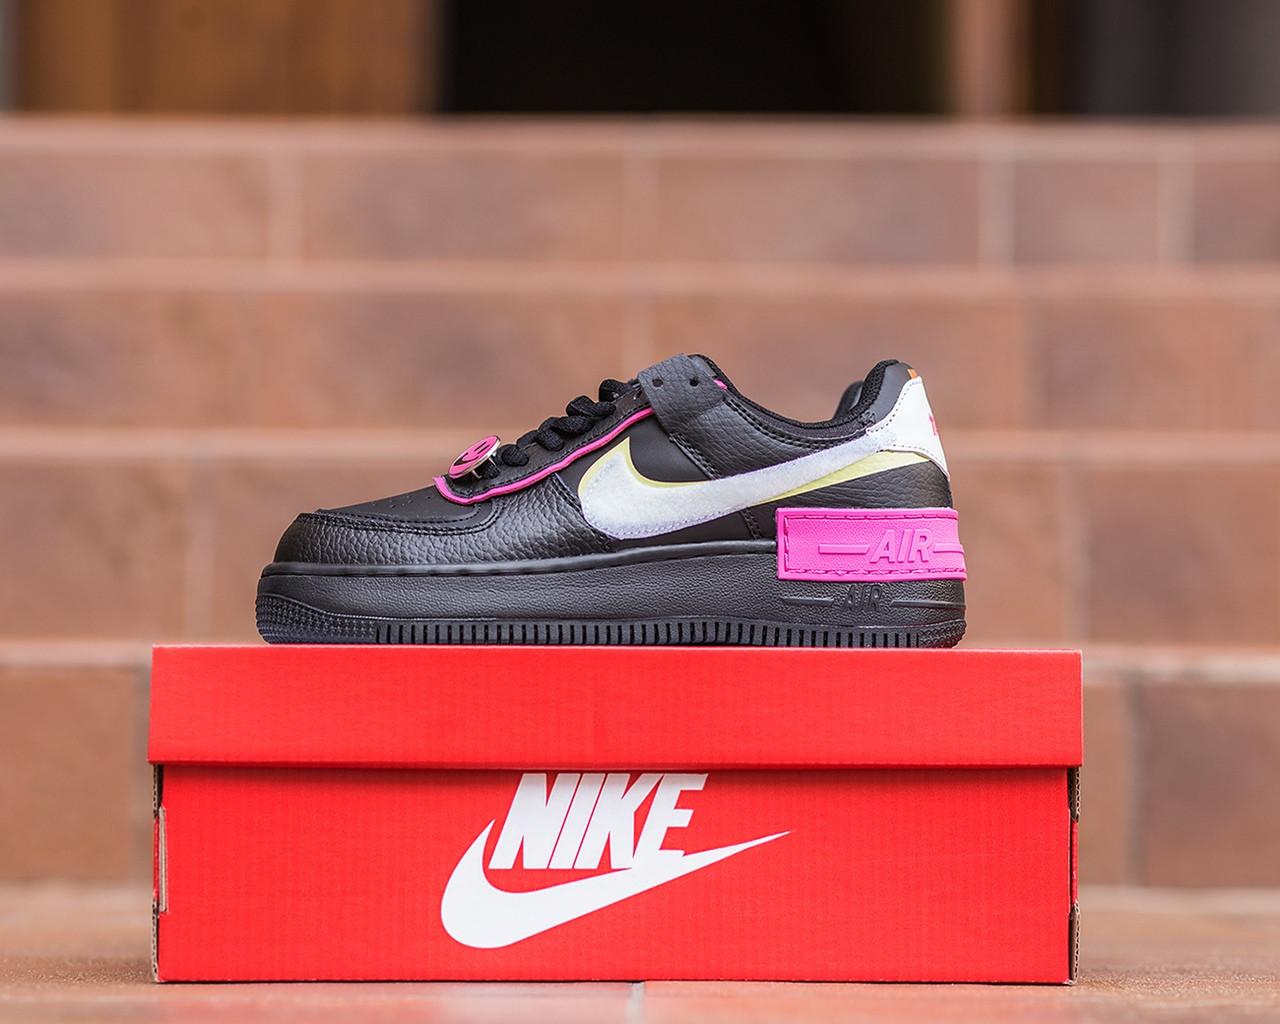 Nike Air Force  1 Shadow Removable Женские осенние черные кожаные кроссовки. Женские кроссовки на шнурках